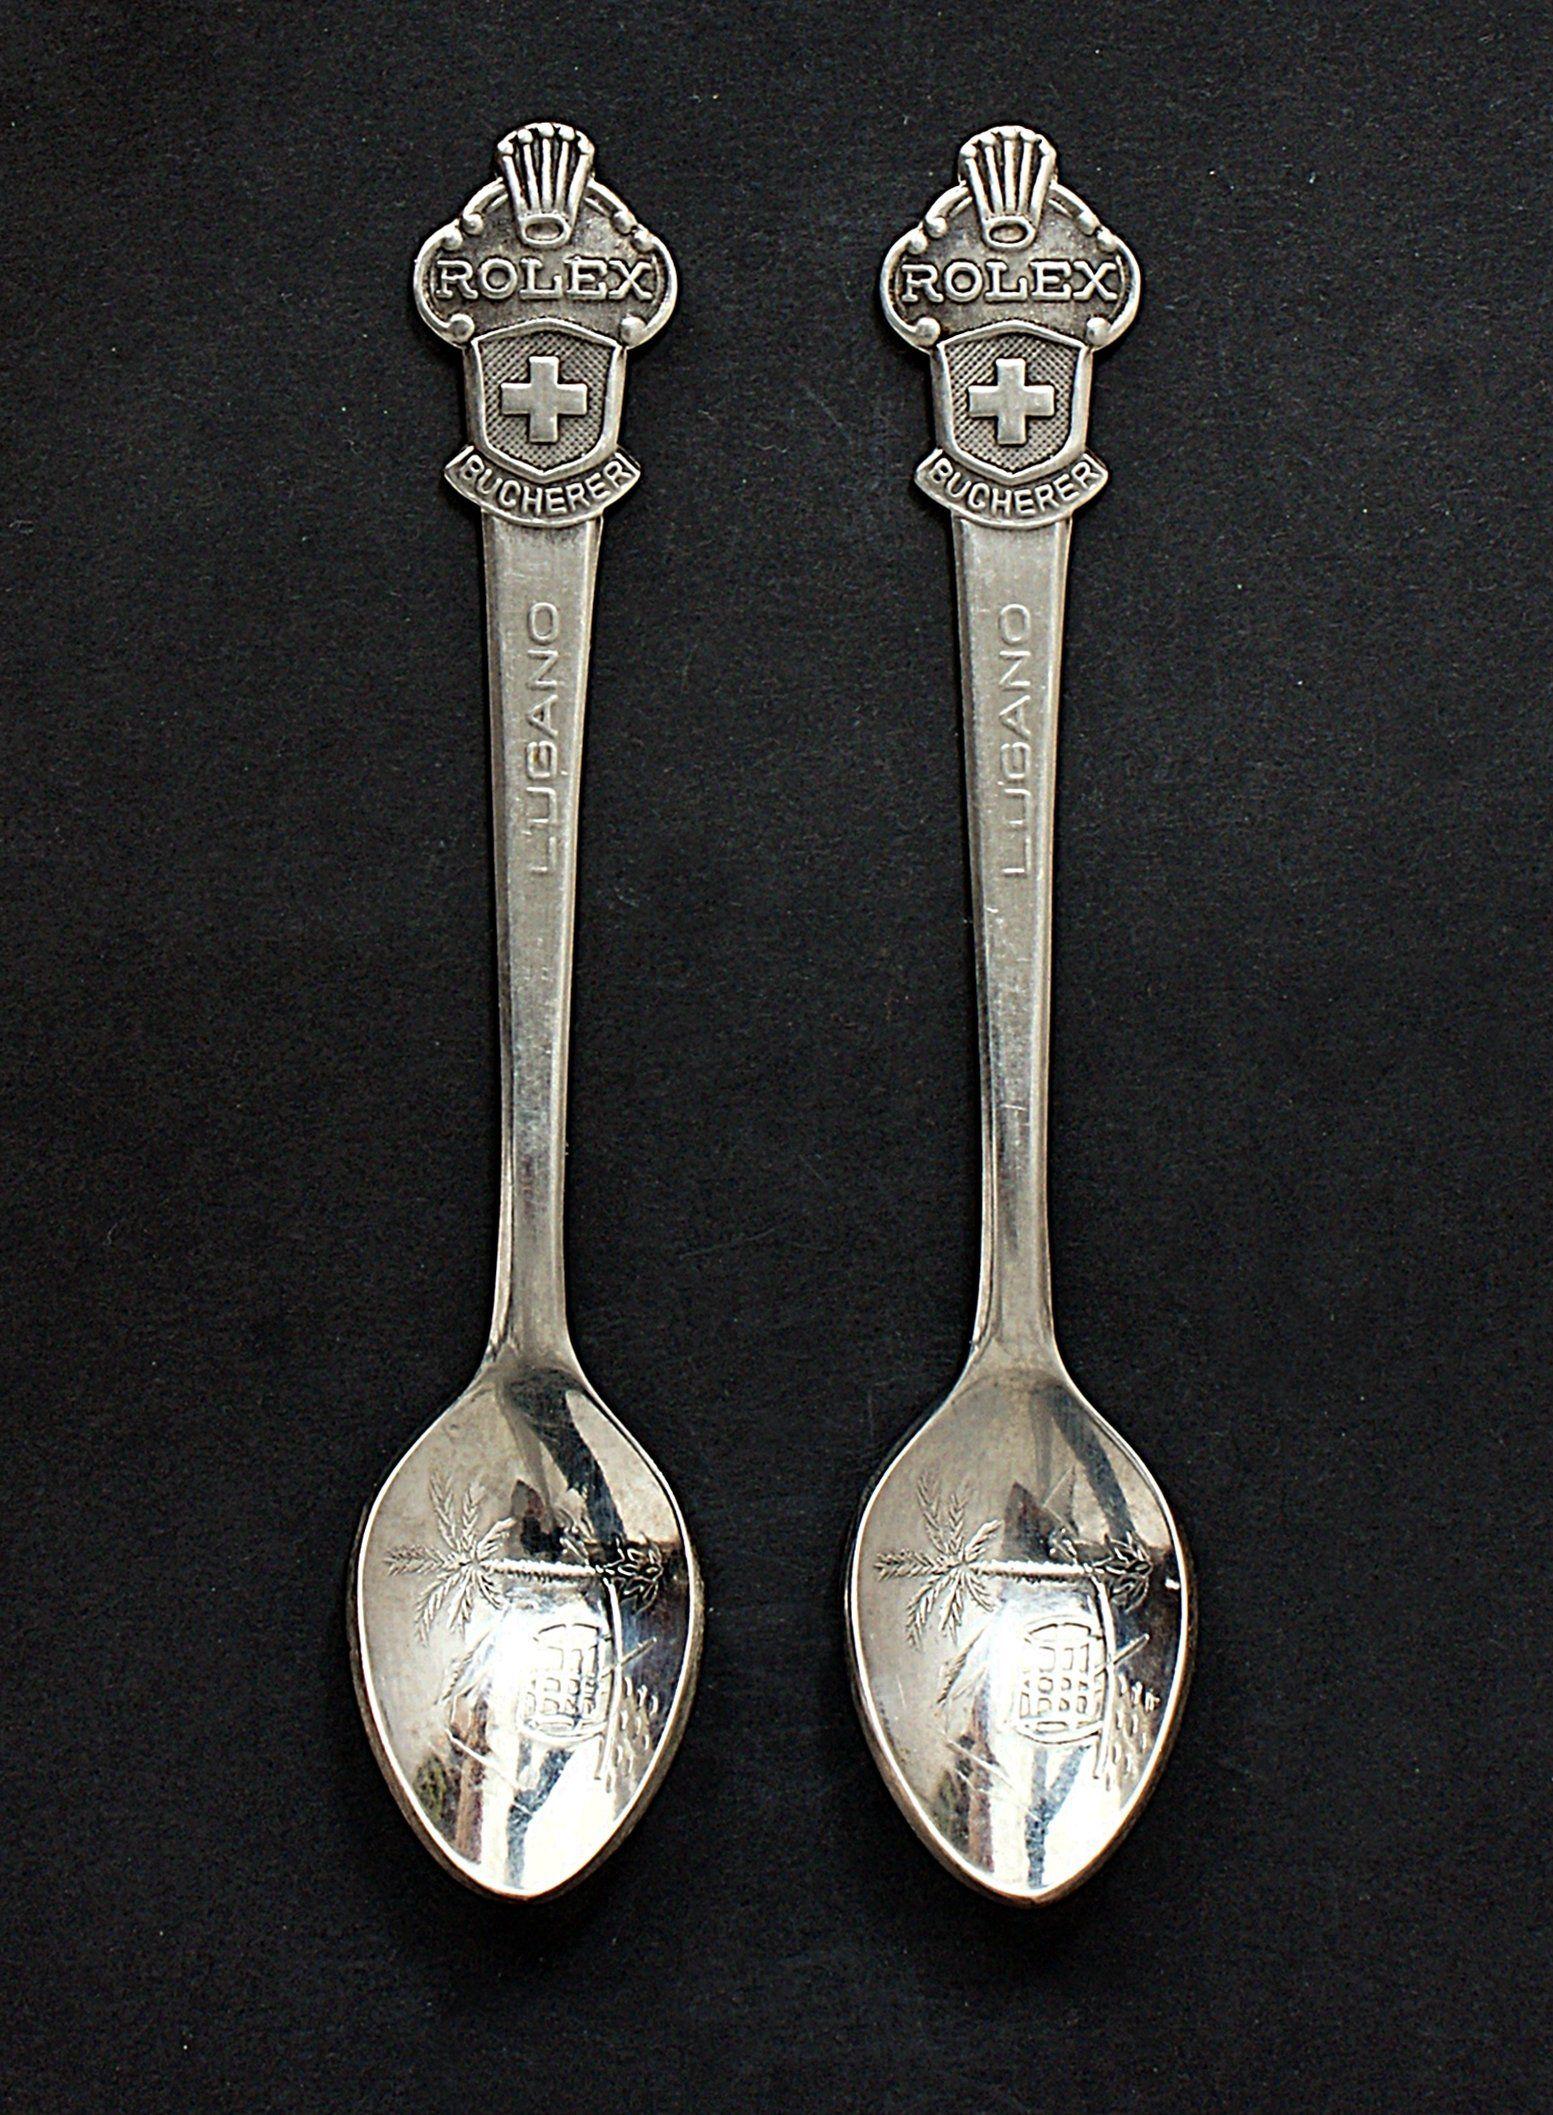 Pair Of Vintage Rolex Bucherer Lugano Silver Plate Souvenir Etsy Vintage Rolex Lugano Rolex